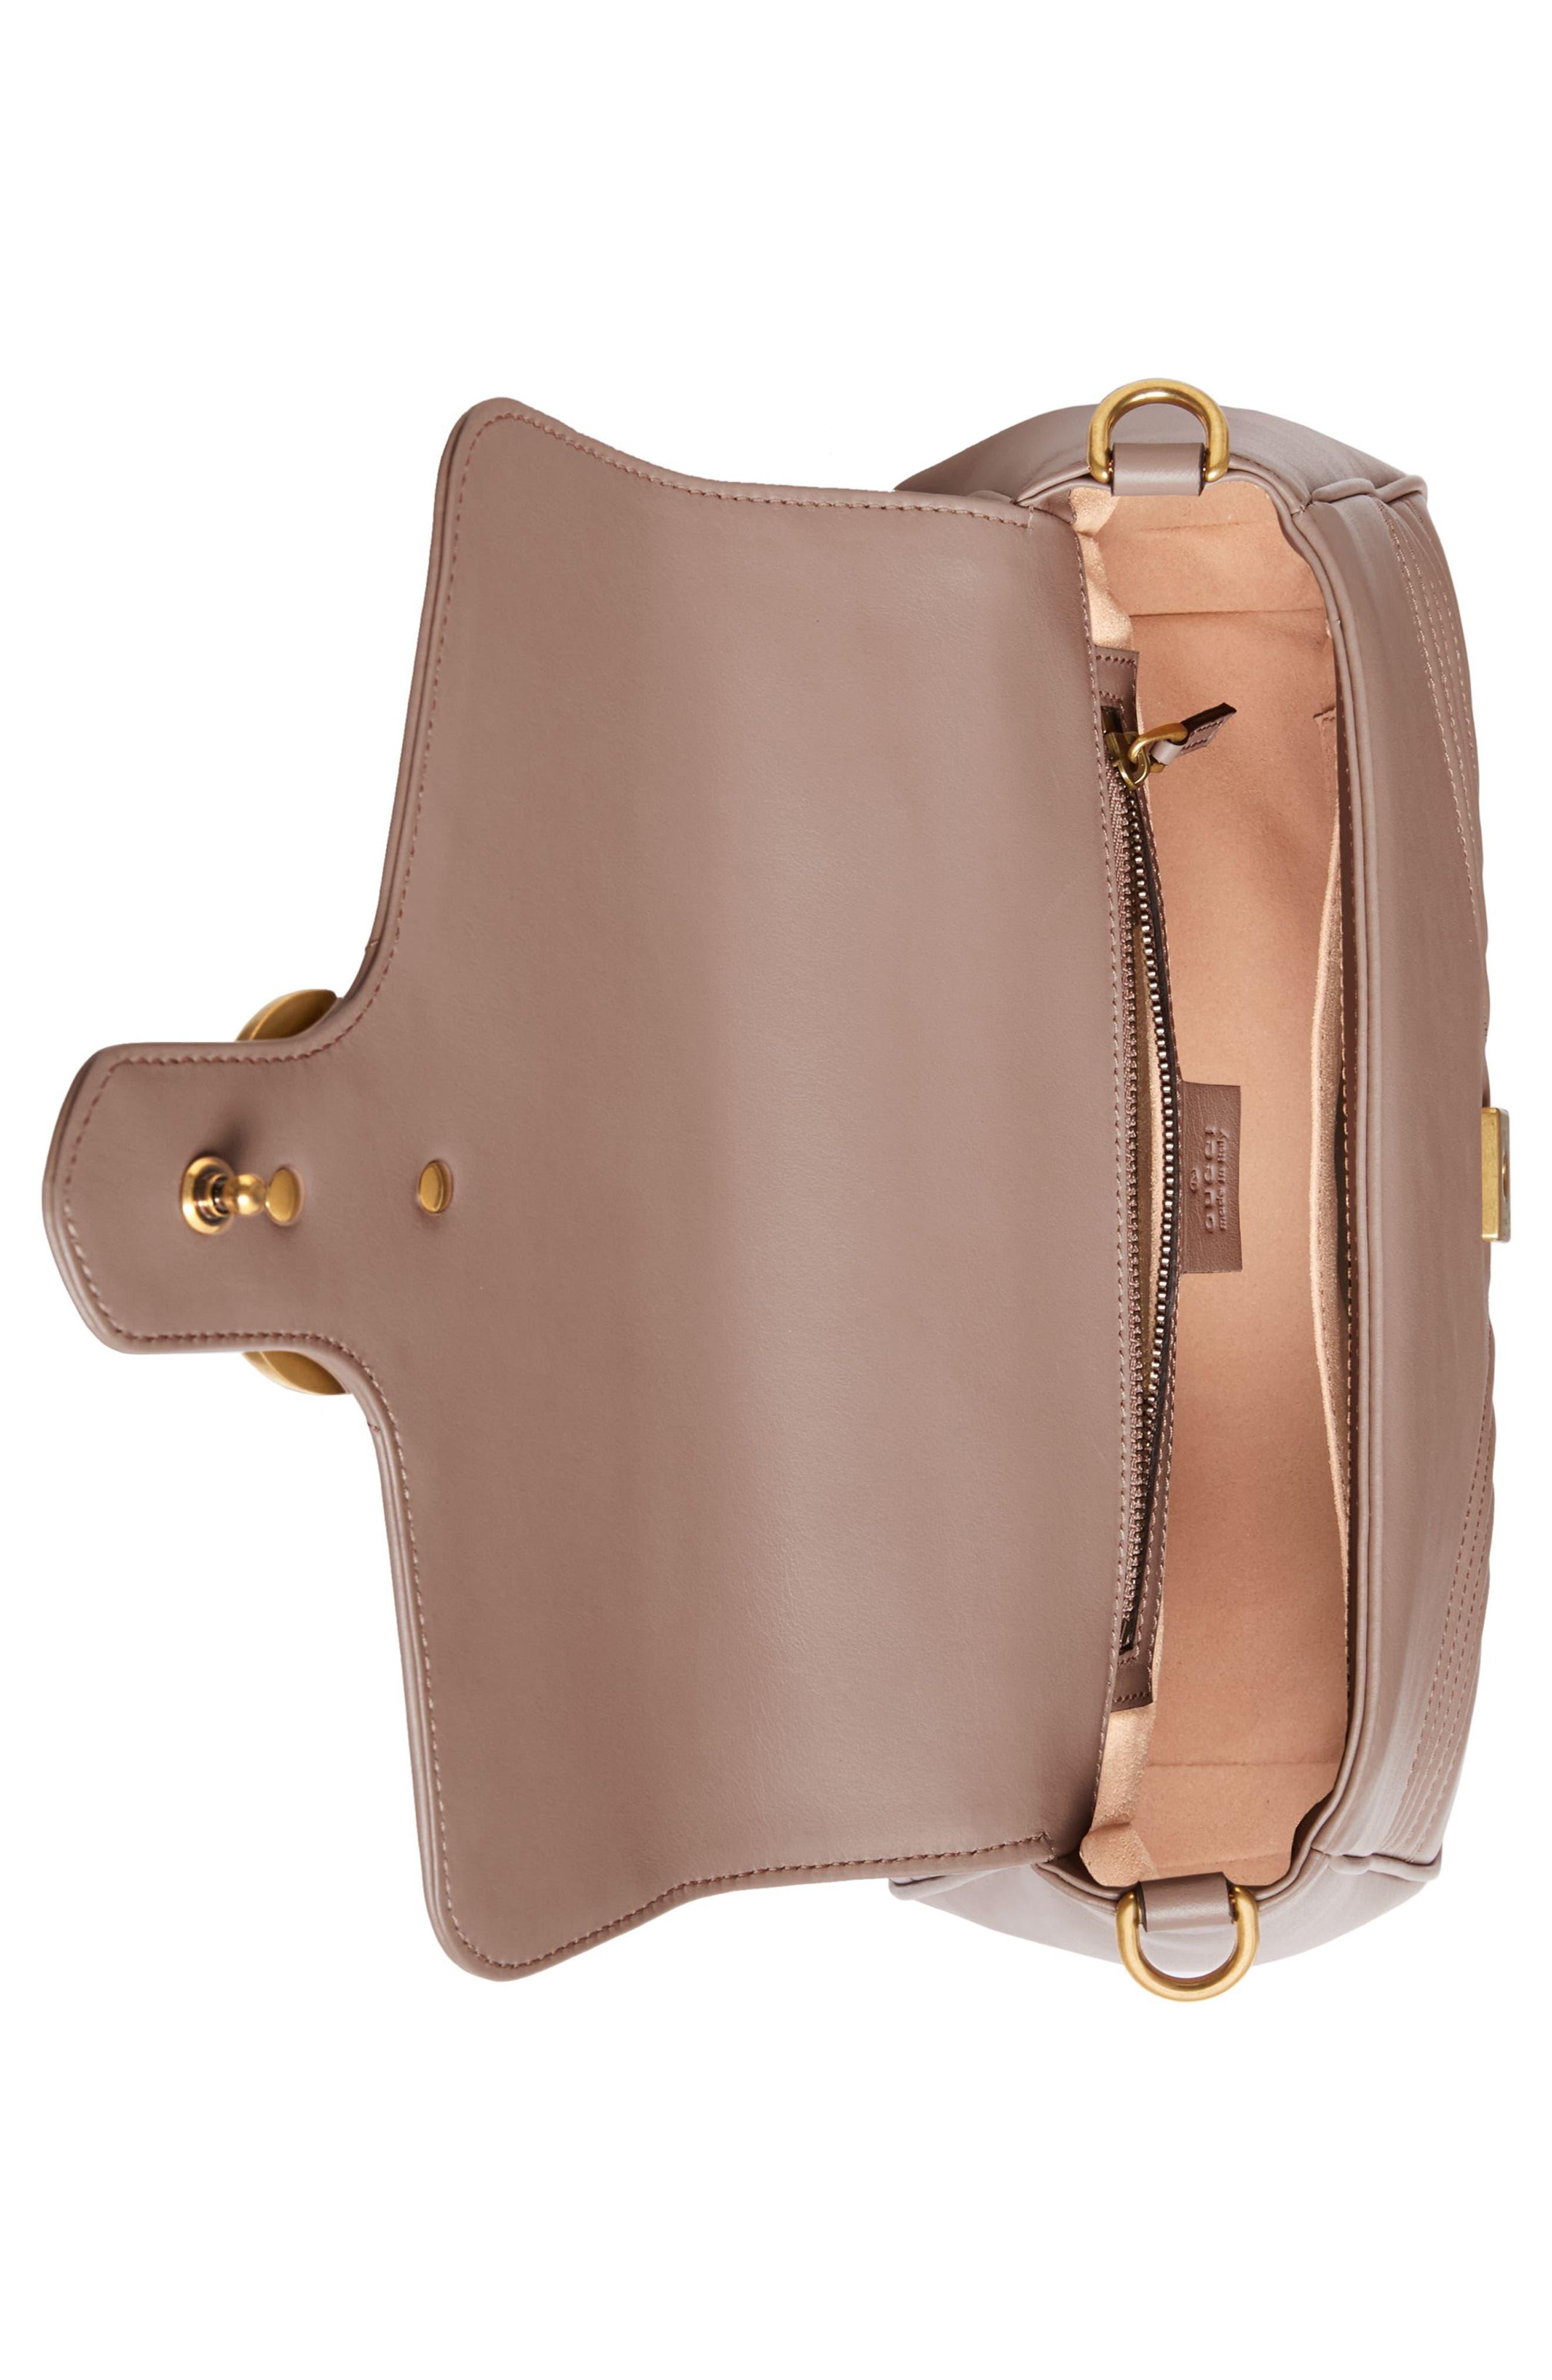 Small GG Marmont 2.0 Matelassé Leather Top Handle Bag,                             Alternate thumbnail 4, color,                             Porcelain Rose